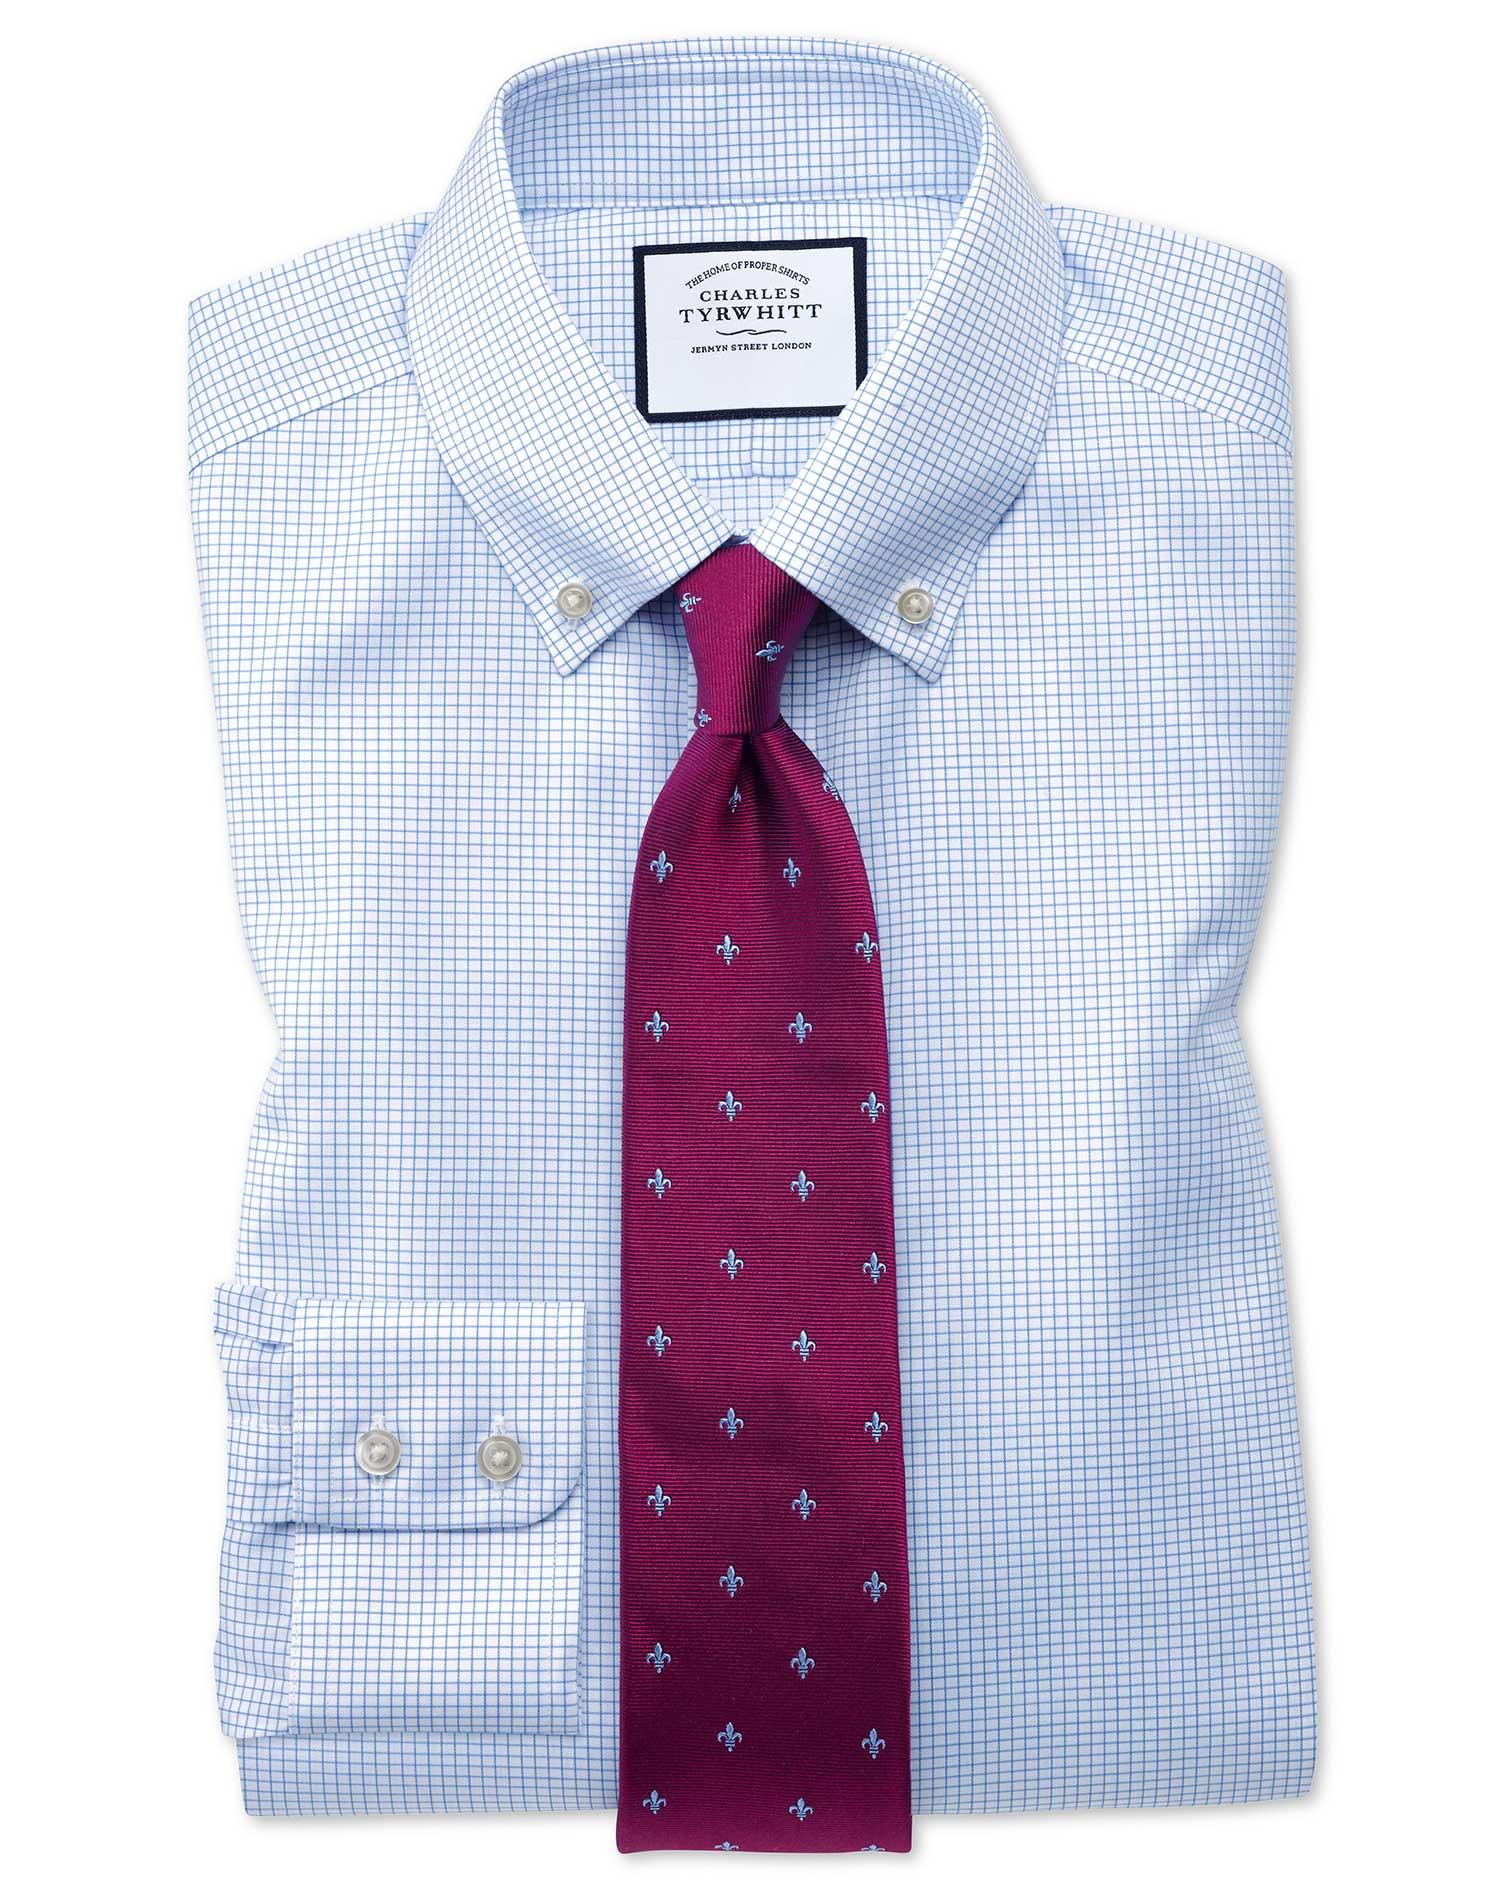 Slim Fit Button Down Non-Iron Twill Mini Grid Check Sky Blue Cotton Formal Shirt Single Cuff Size 16